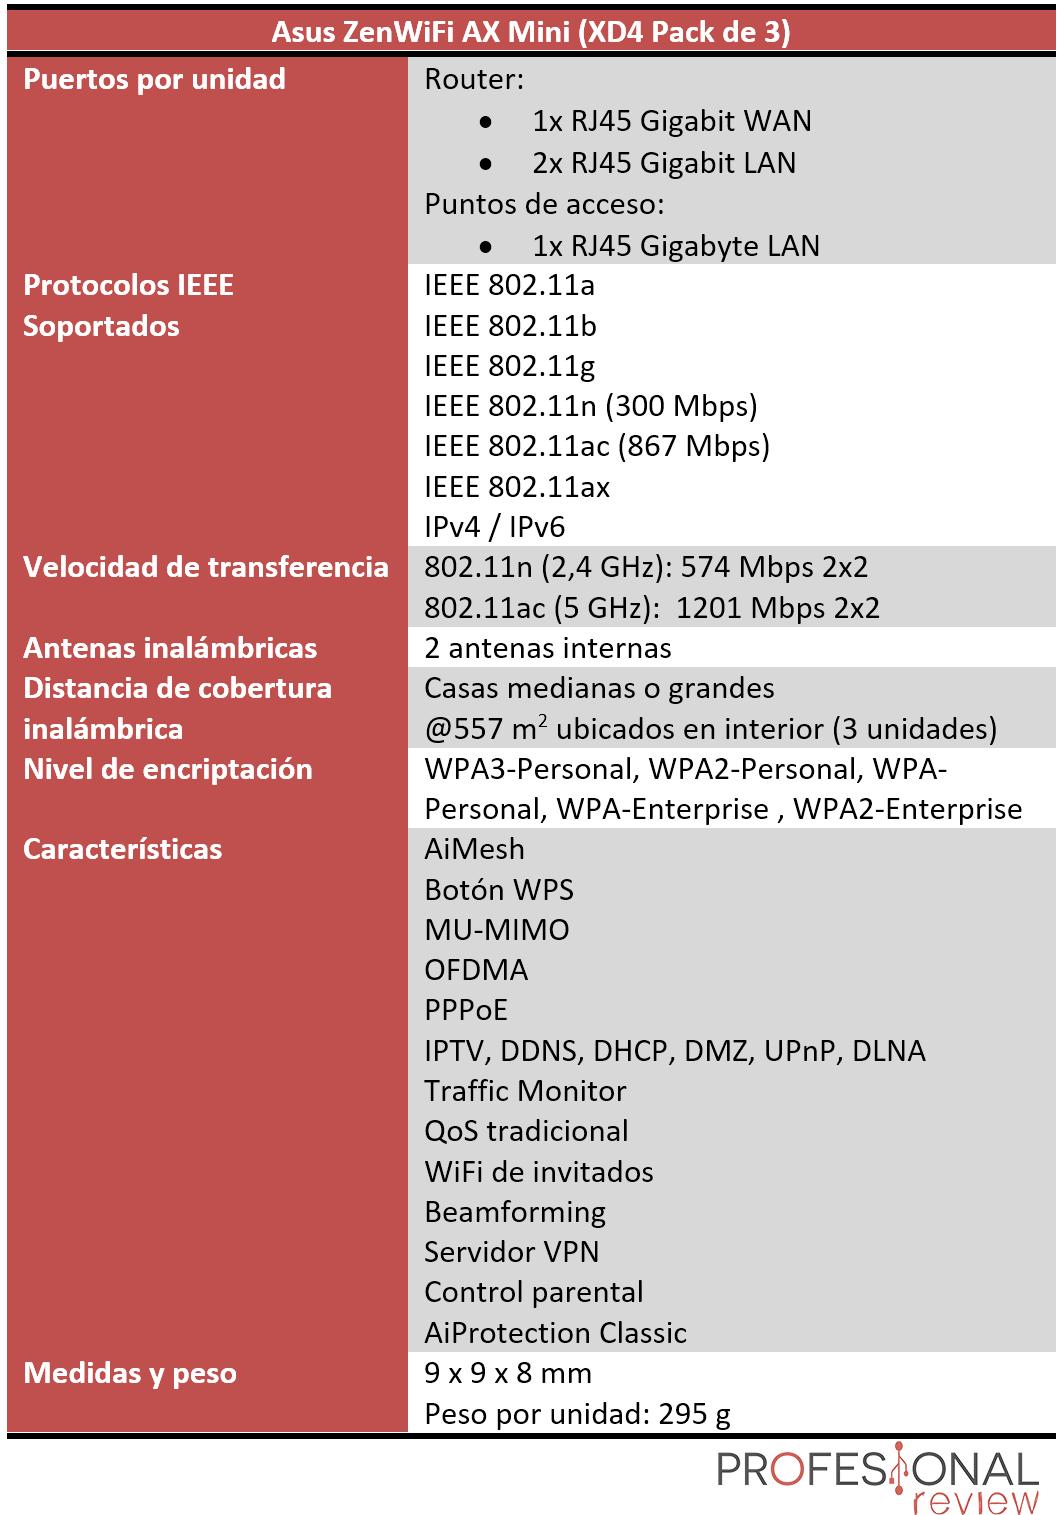 Asus ZenWifi AX Mini Características